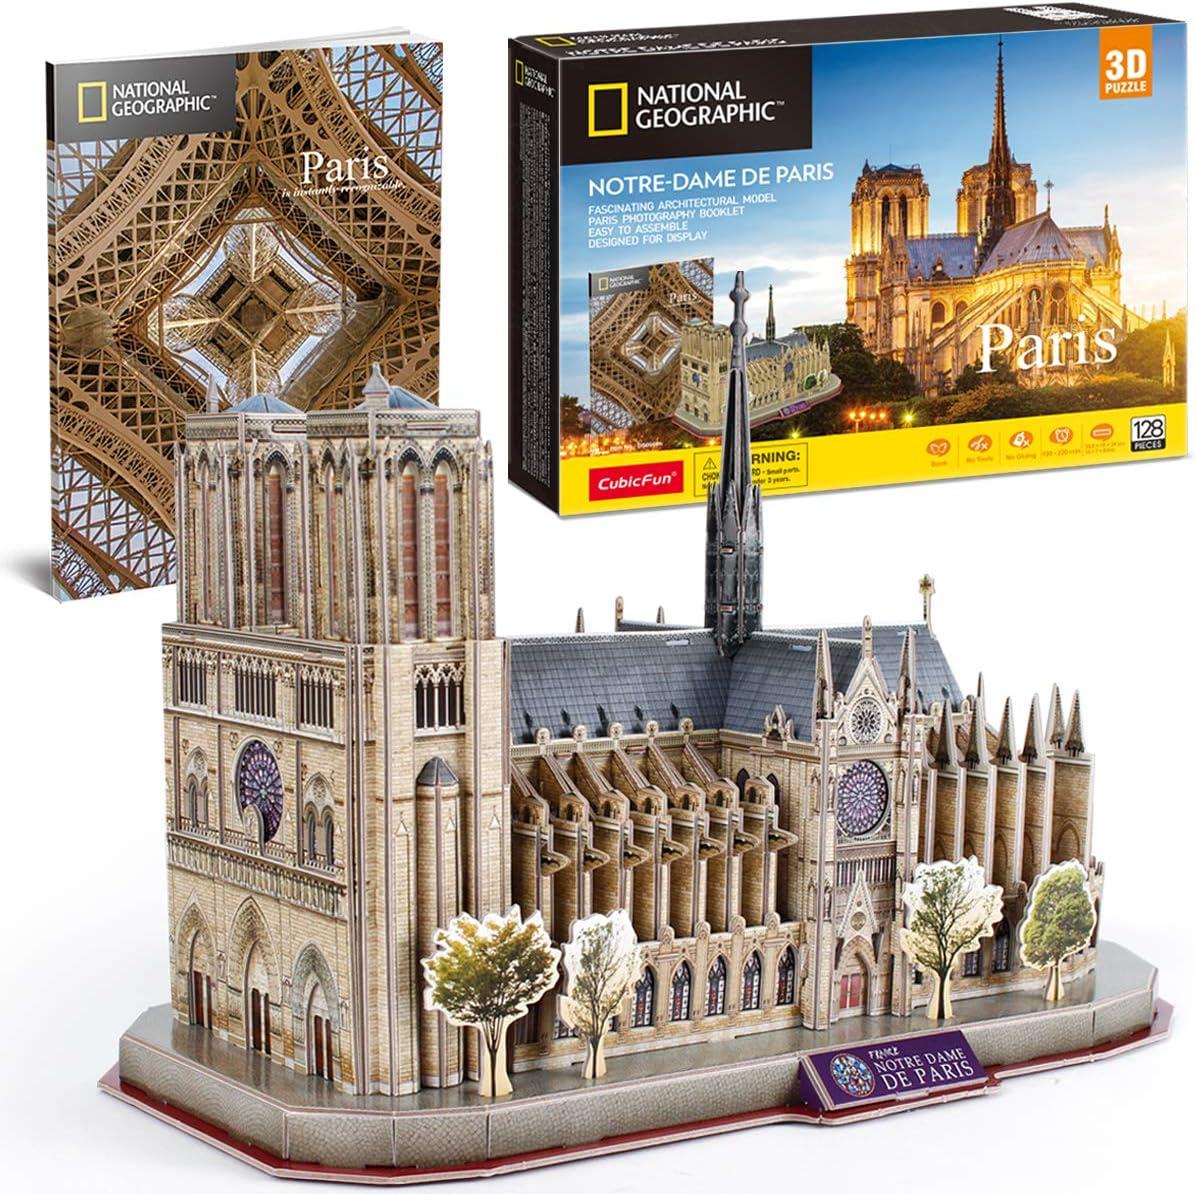 CubicFun 3D Puzzle for Adults Kids Notre Dame de Paris France Architecture Model Kits, Gifts for Boys Girls Adults, 128 Pieces